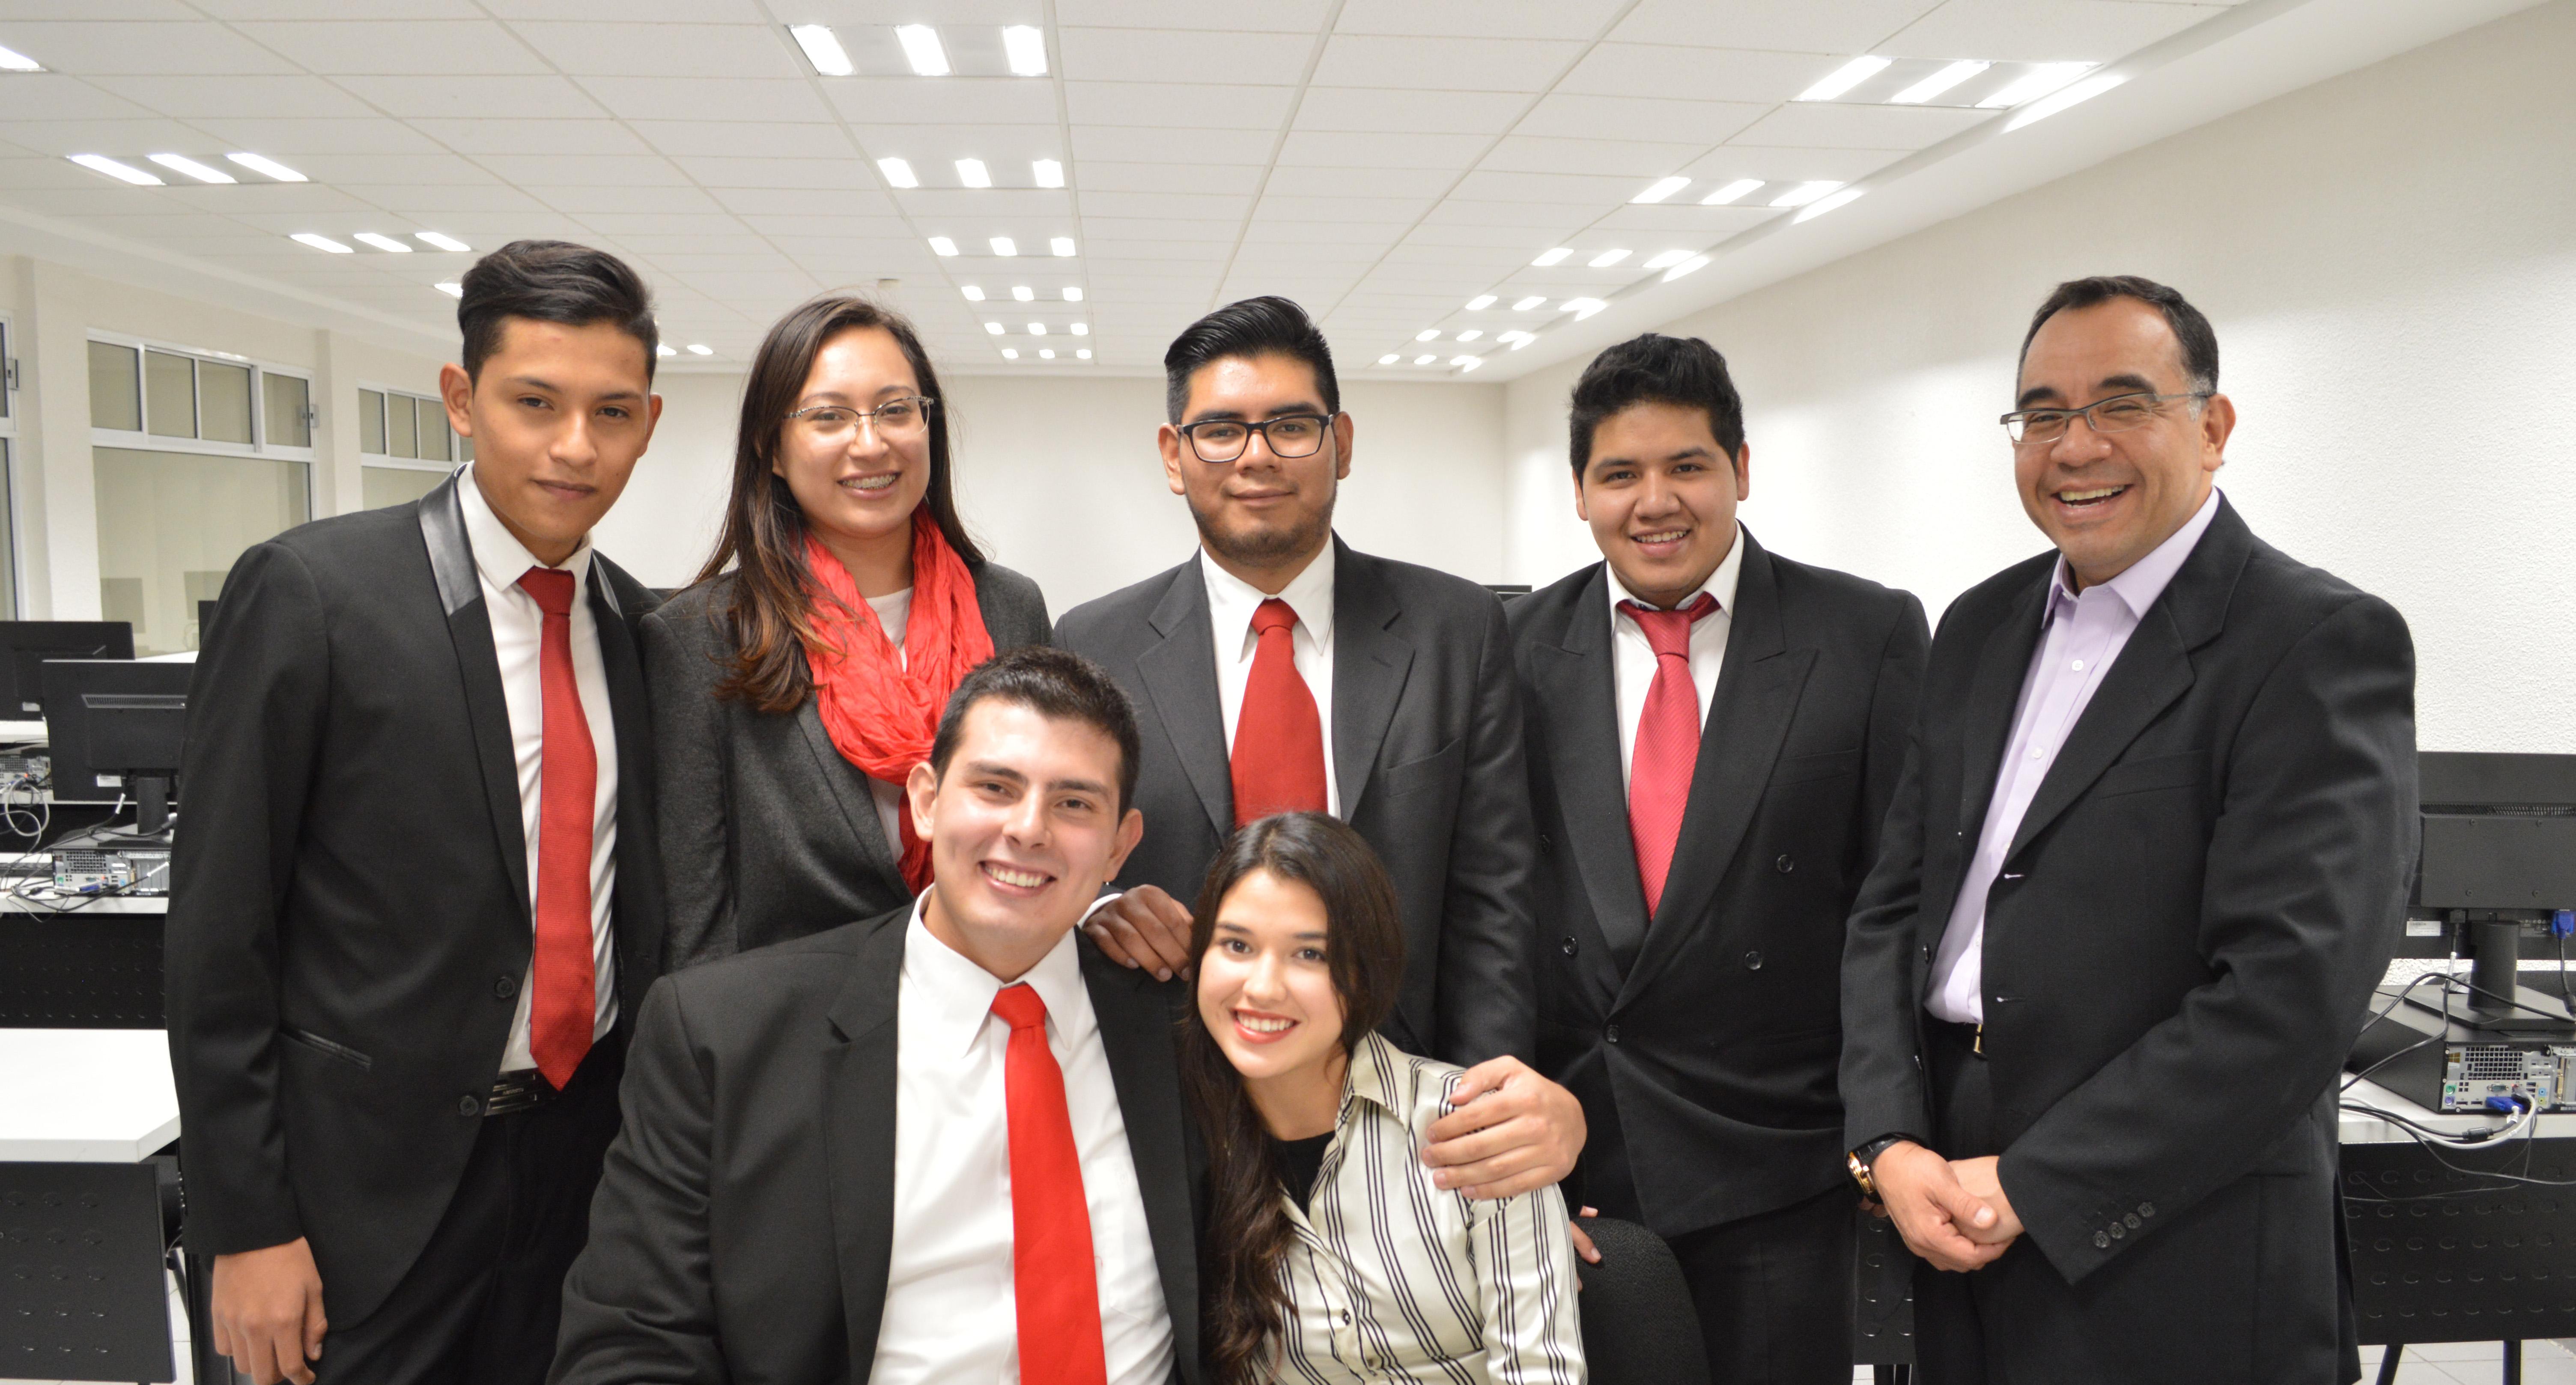 Alumnos de la UNITEC Campus Sur ganan primer lugar en simulador de negocios - Featured Image